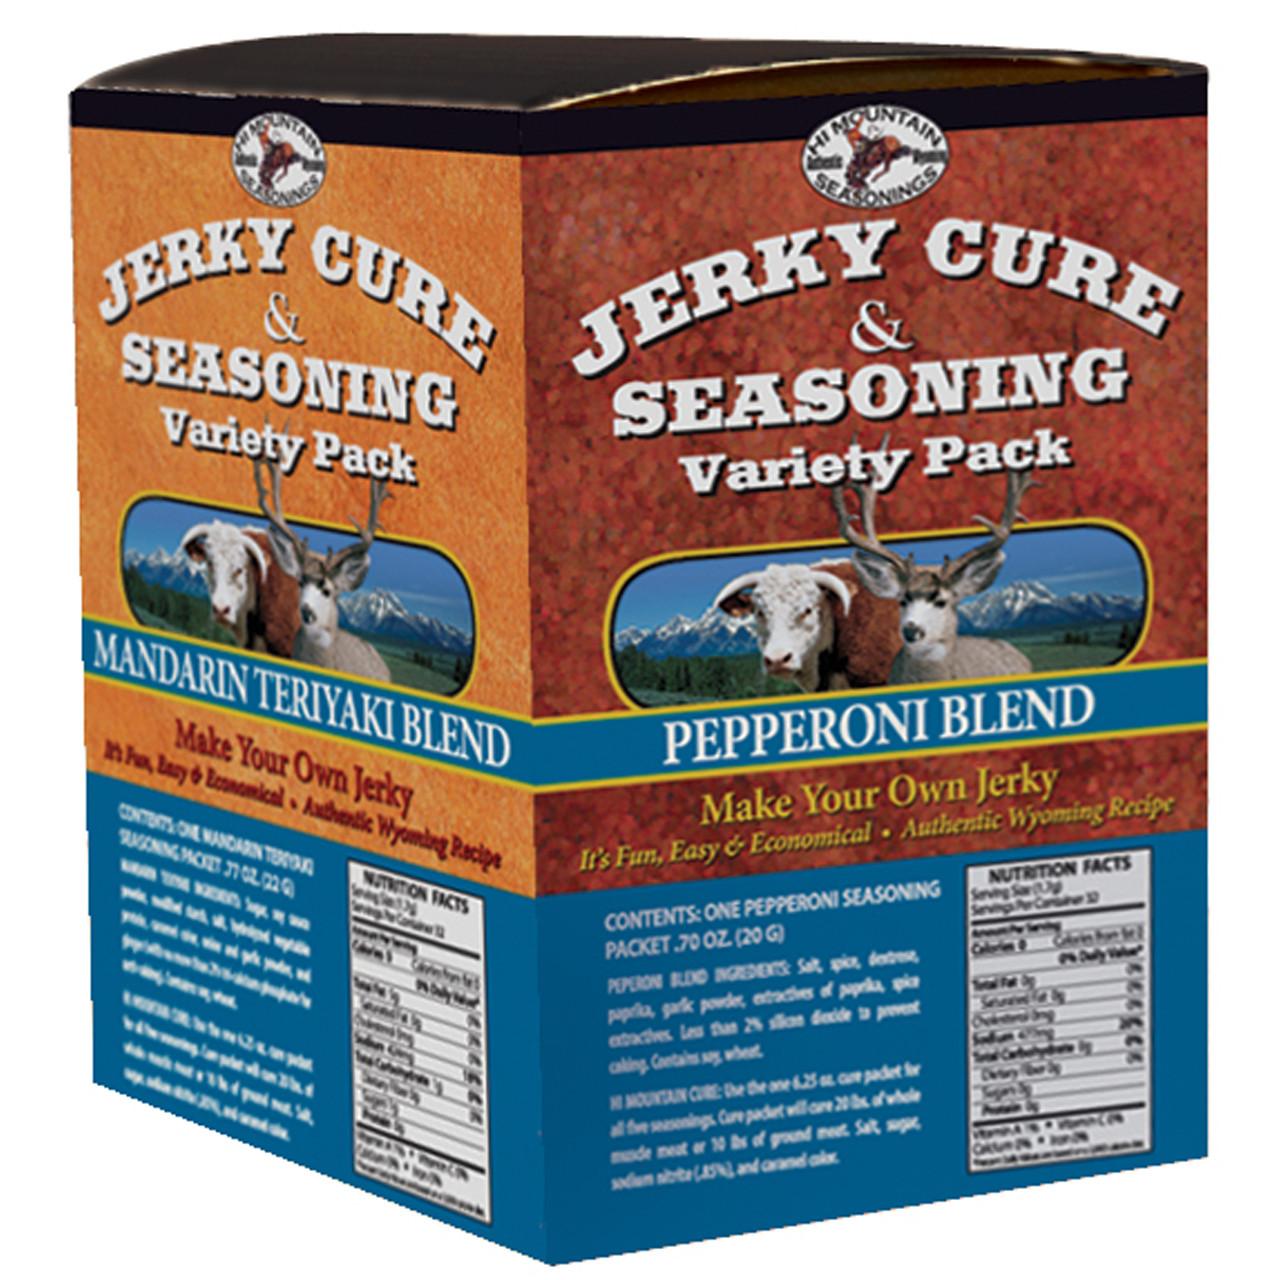 Jerky Maker's Variety Pack #2 Jerky Kit